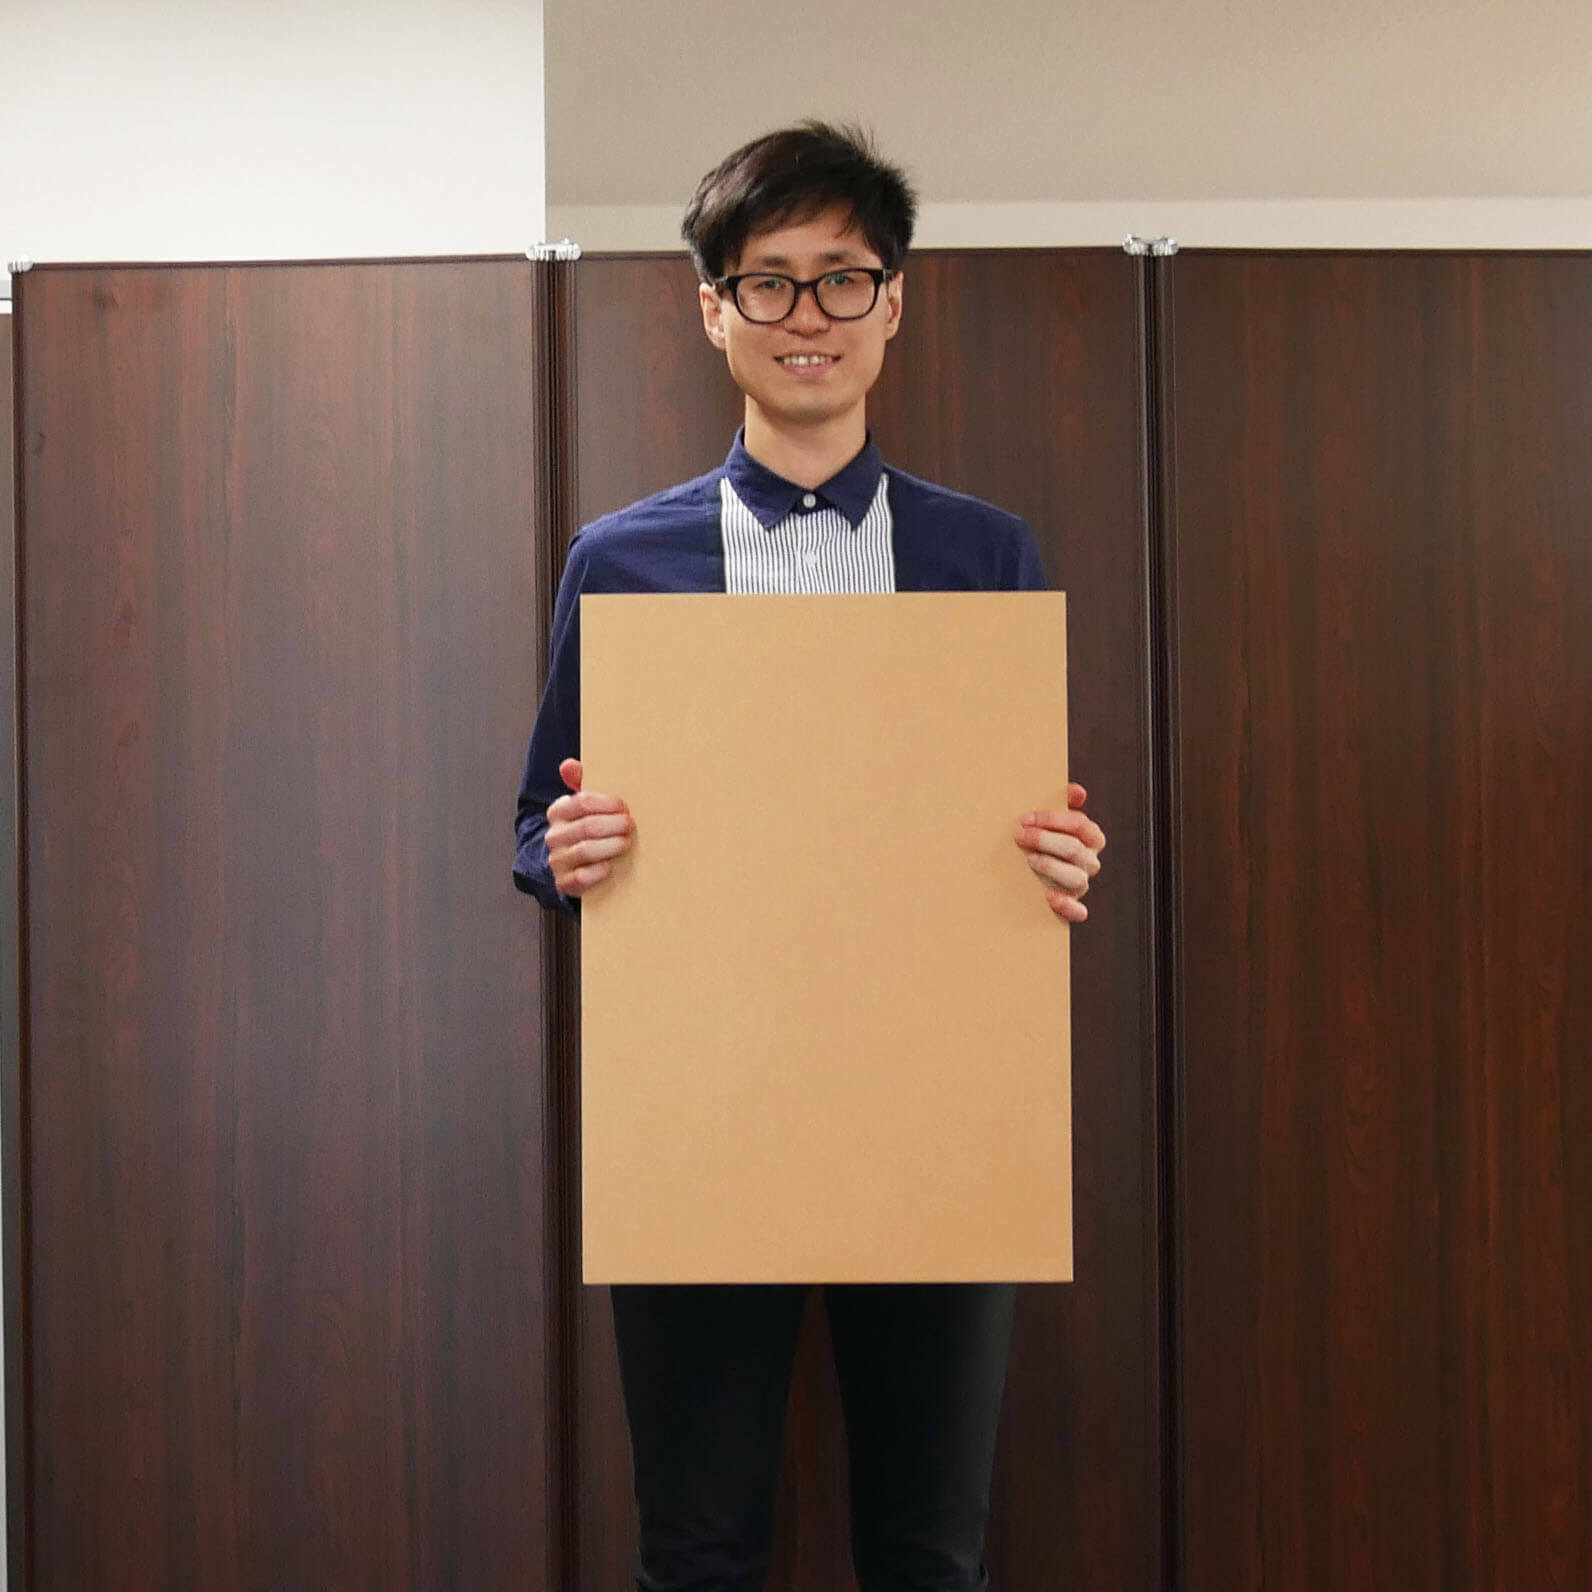 板ダンボール A2サイズ [ 594×420mm ] 1.5mm厚(FB20)